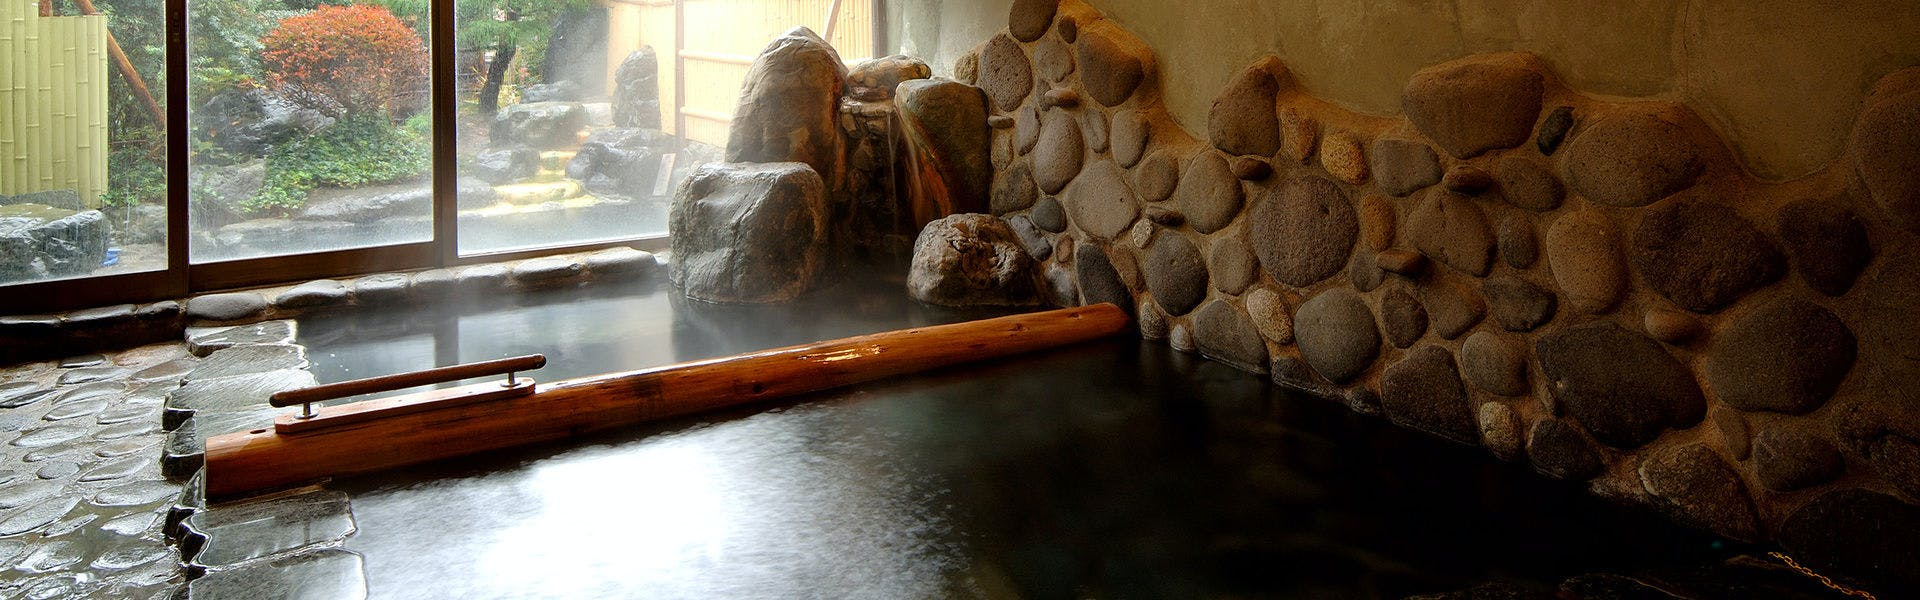 記念日におすすめのホテル・【小野川温泉 高砂屋】 の空室状況を確認するの写真2